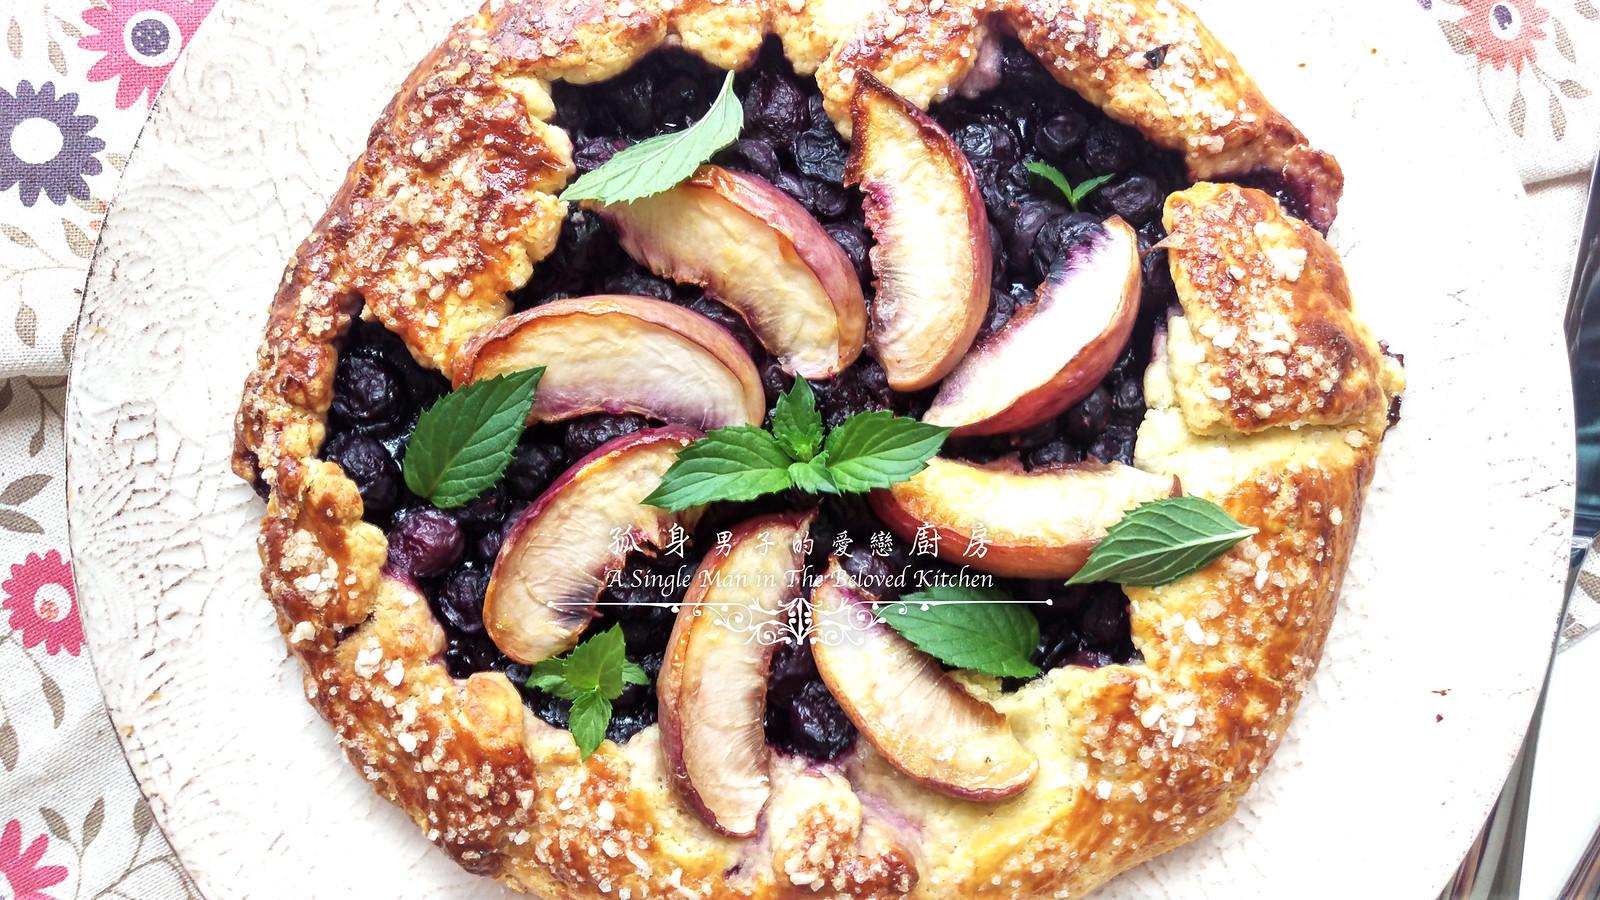 孤身廚房-藍莓甜桃法式烘餅Blueberry-Nectarin Galette30